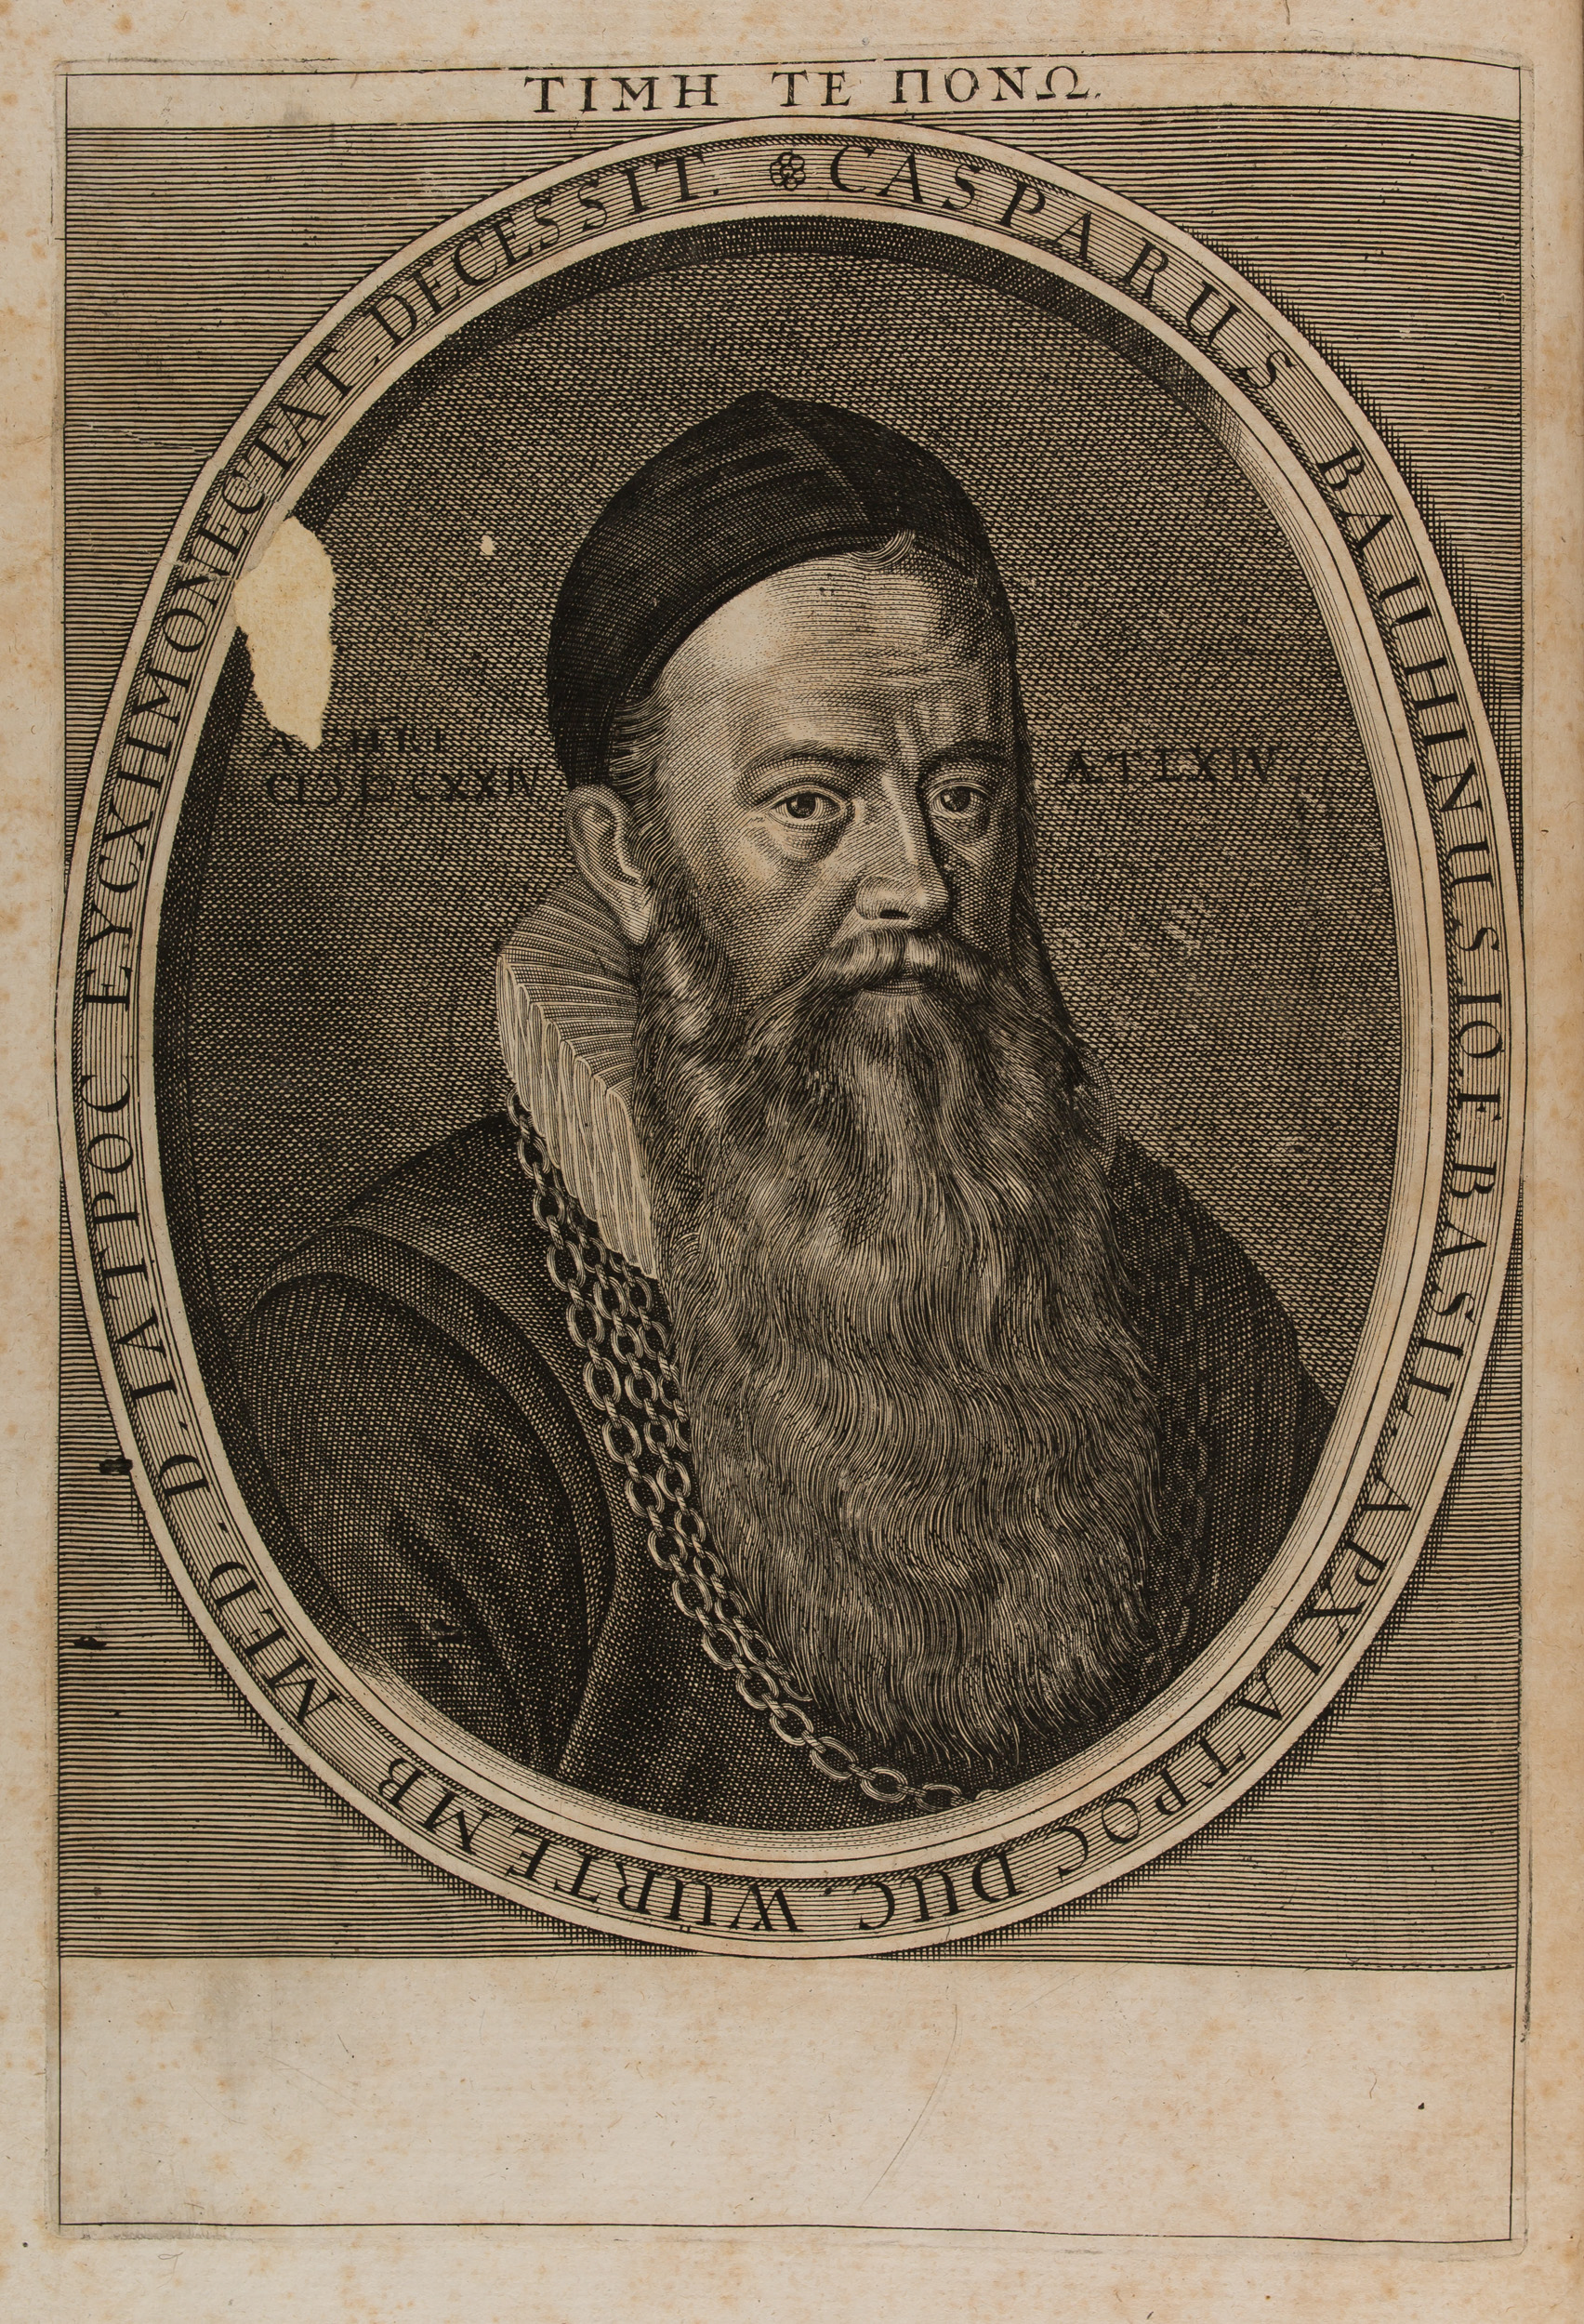 Portrait de Gaspard Bauhin, 1658 (100 737)